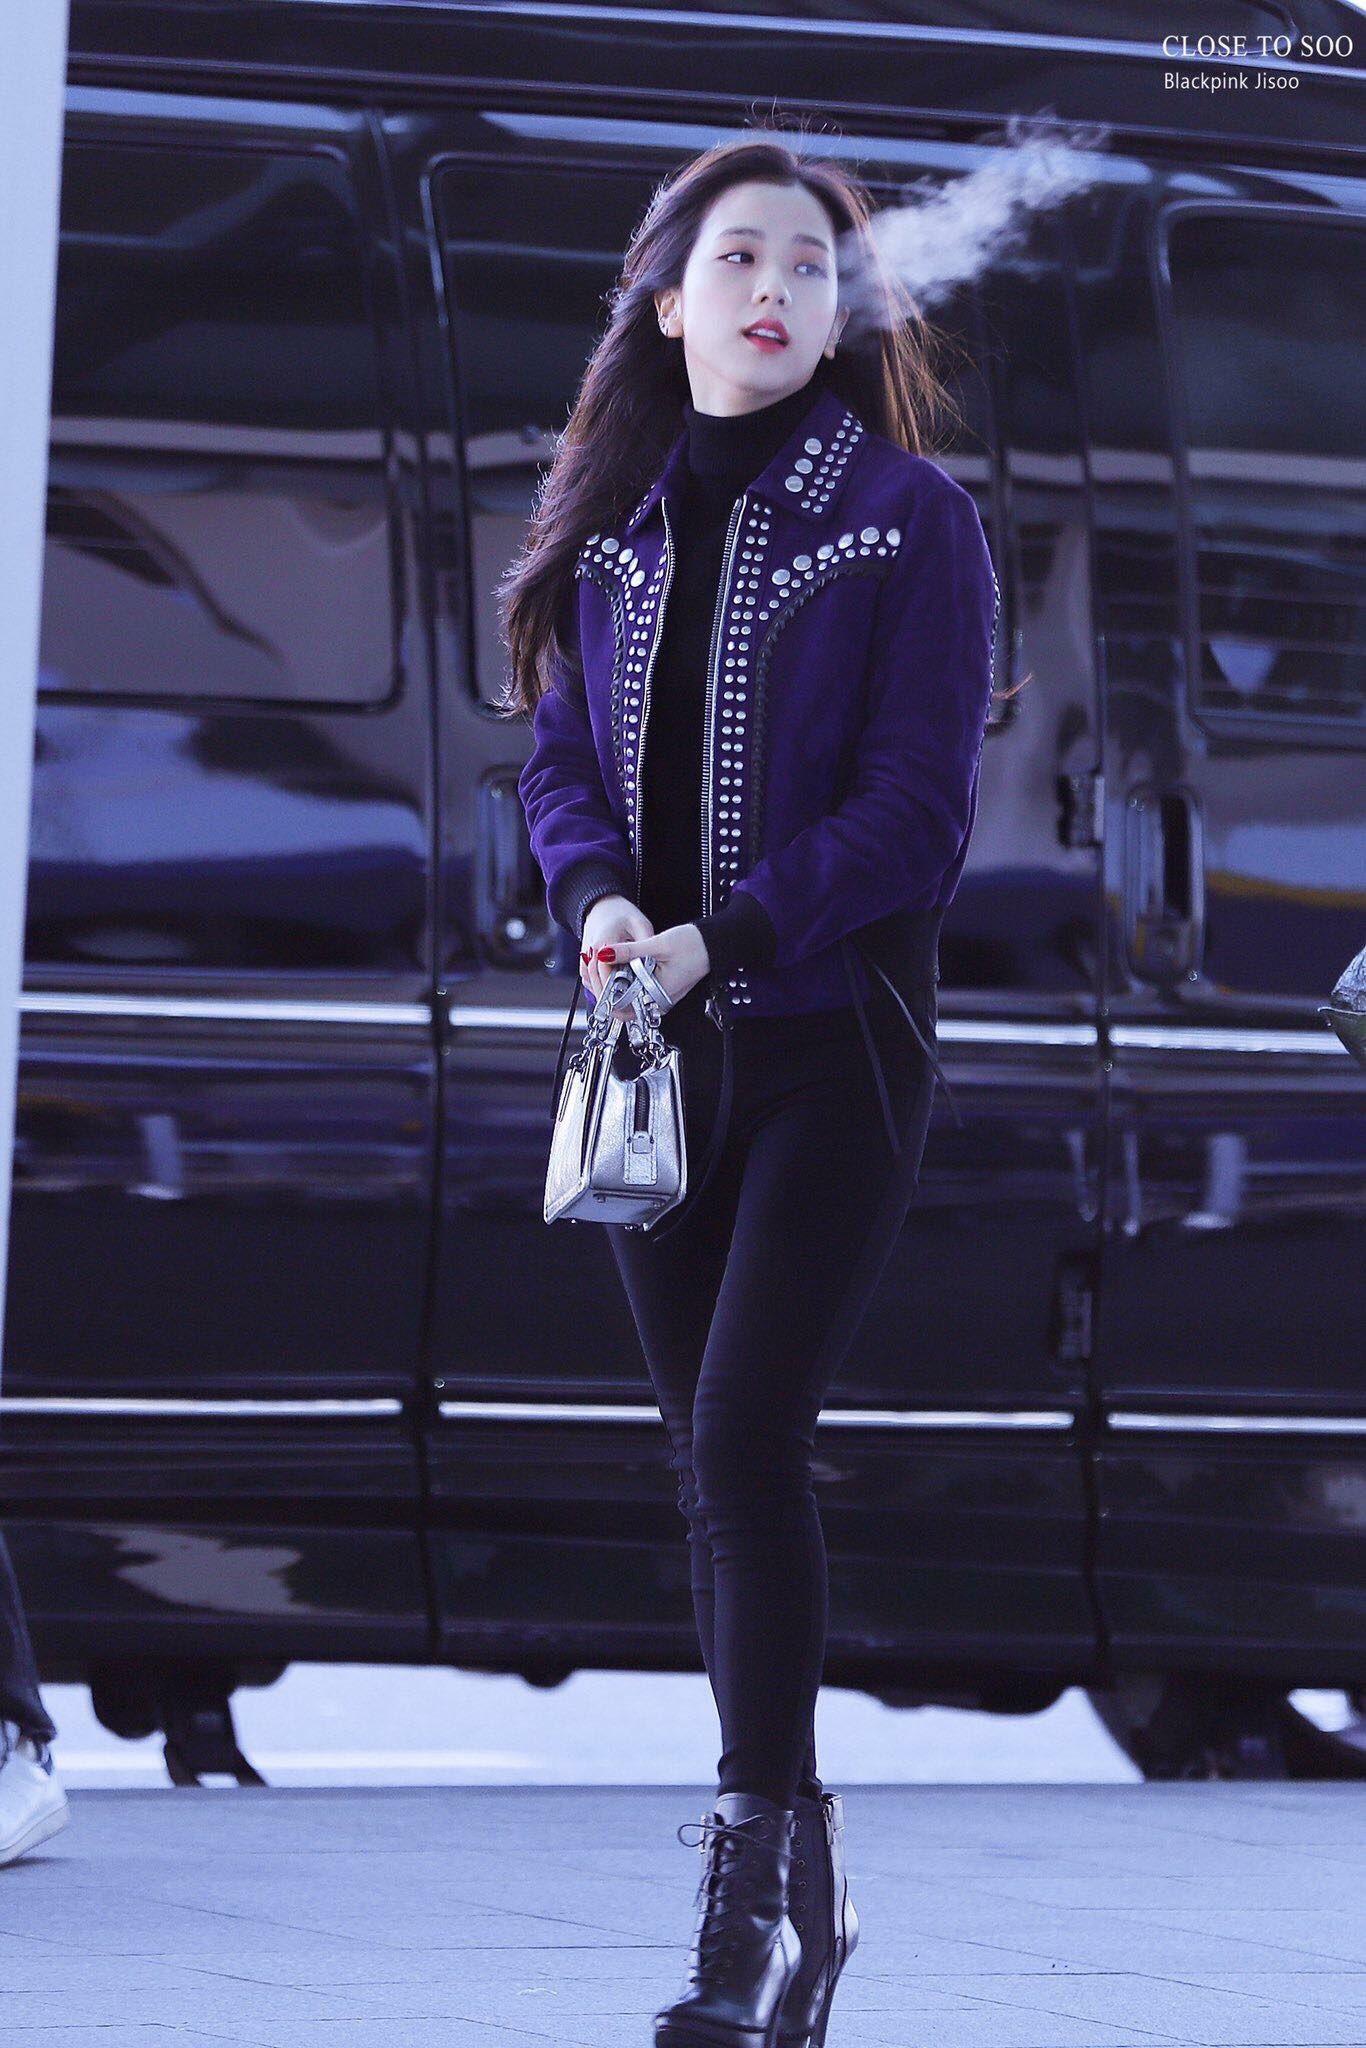 Jisoo có một điểm tuyệt phẩm ít người để ý nhưng lại giúp cô luôn đẹp như nữ chính ngôn tình tại sân bay - Ảnh 5.